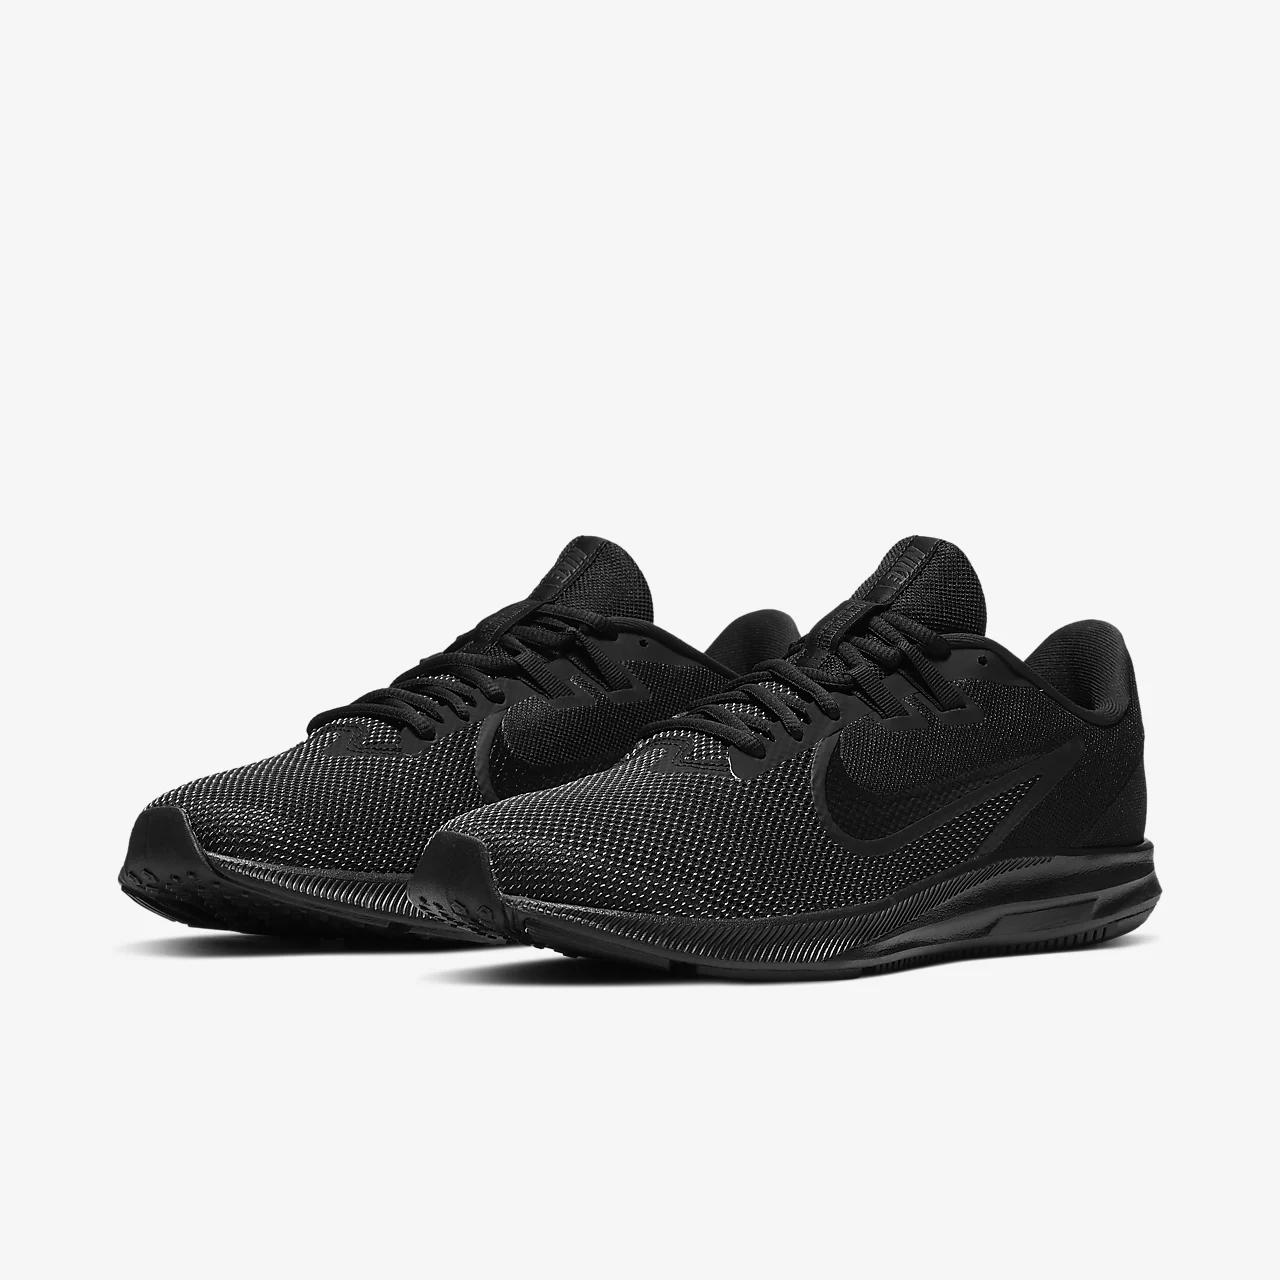 유럽직배송 나이키 NIKE Nike Downshifter 9 Men's Running Shoe AQ7481-005